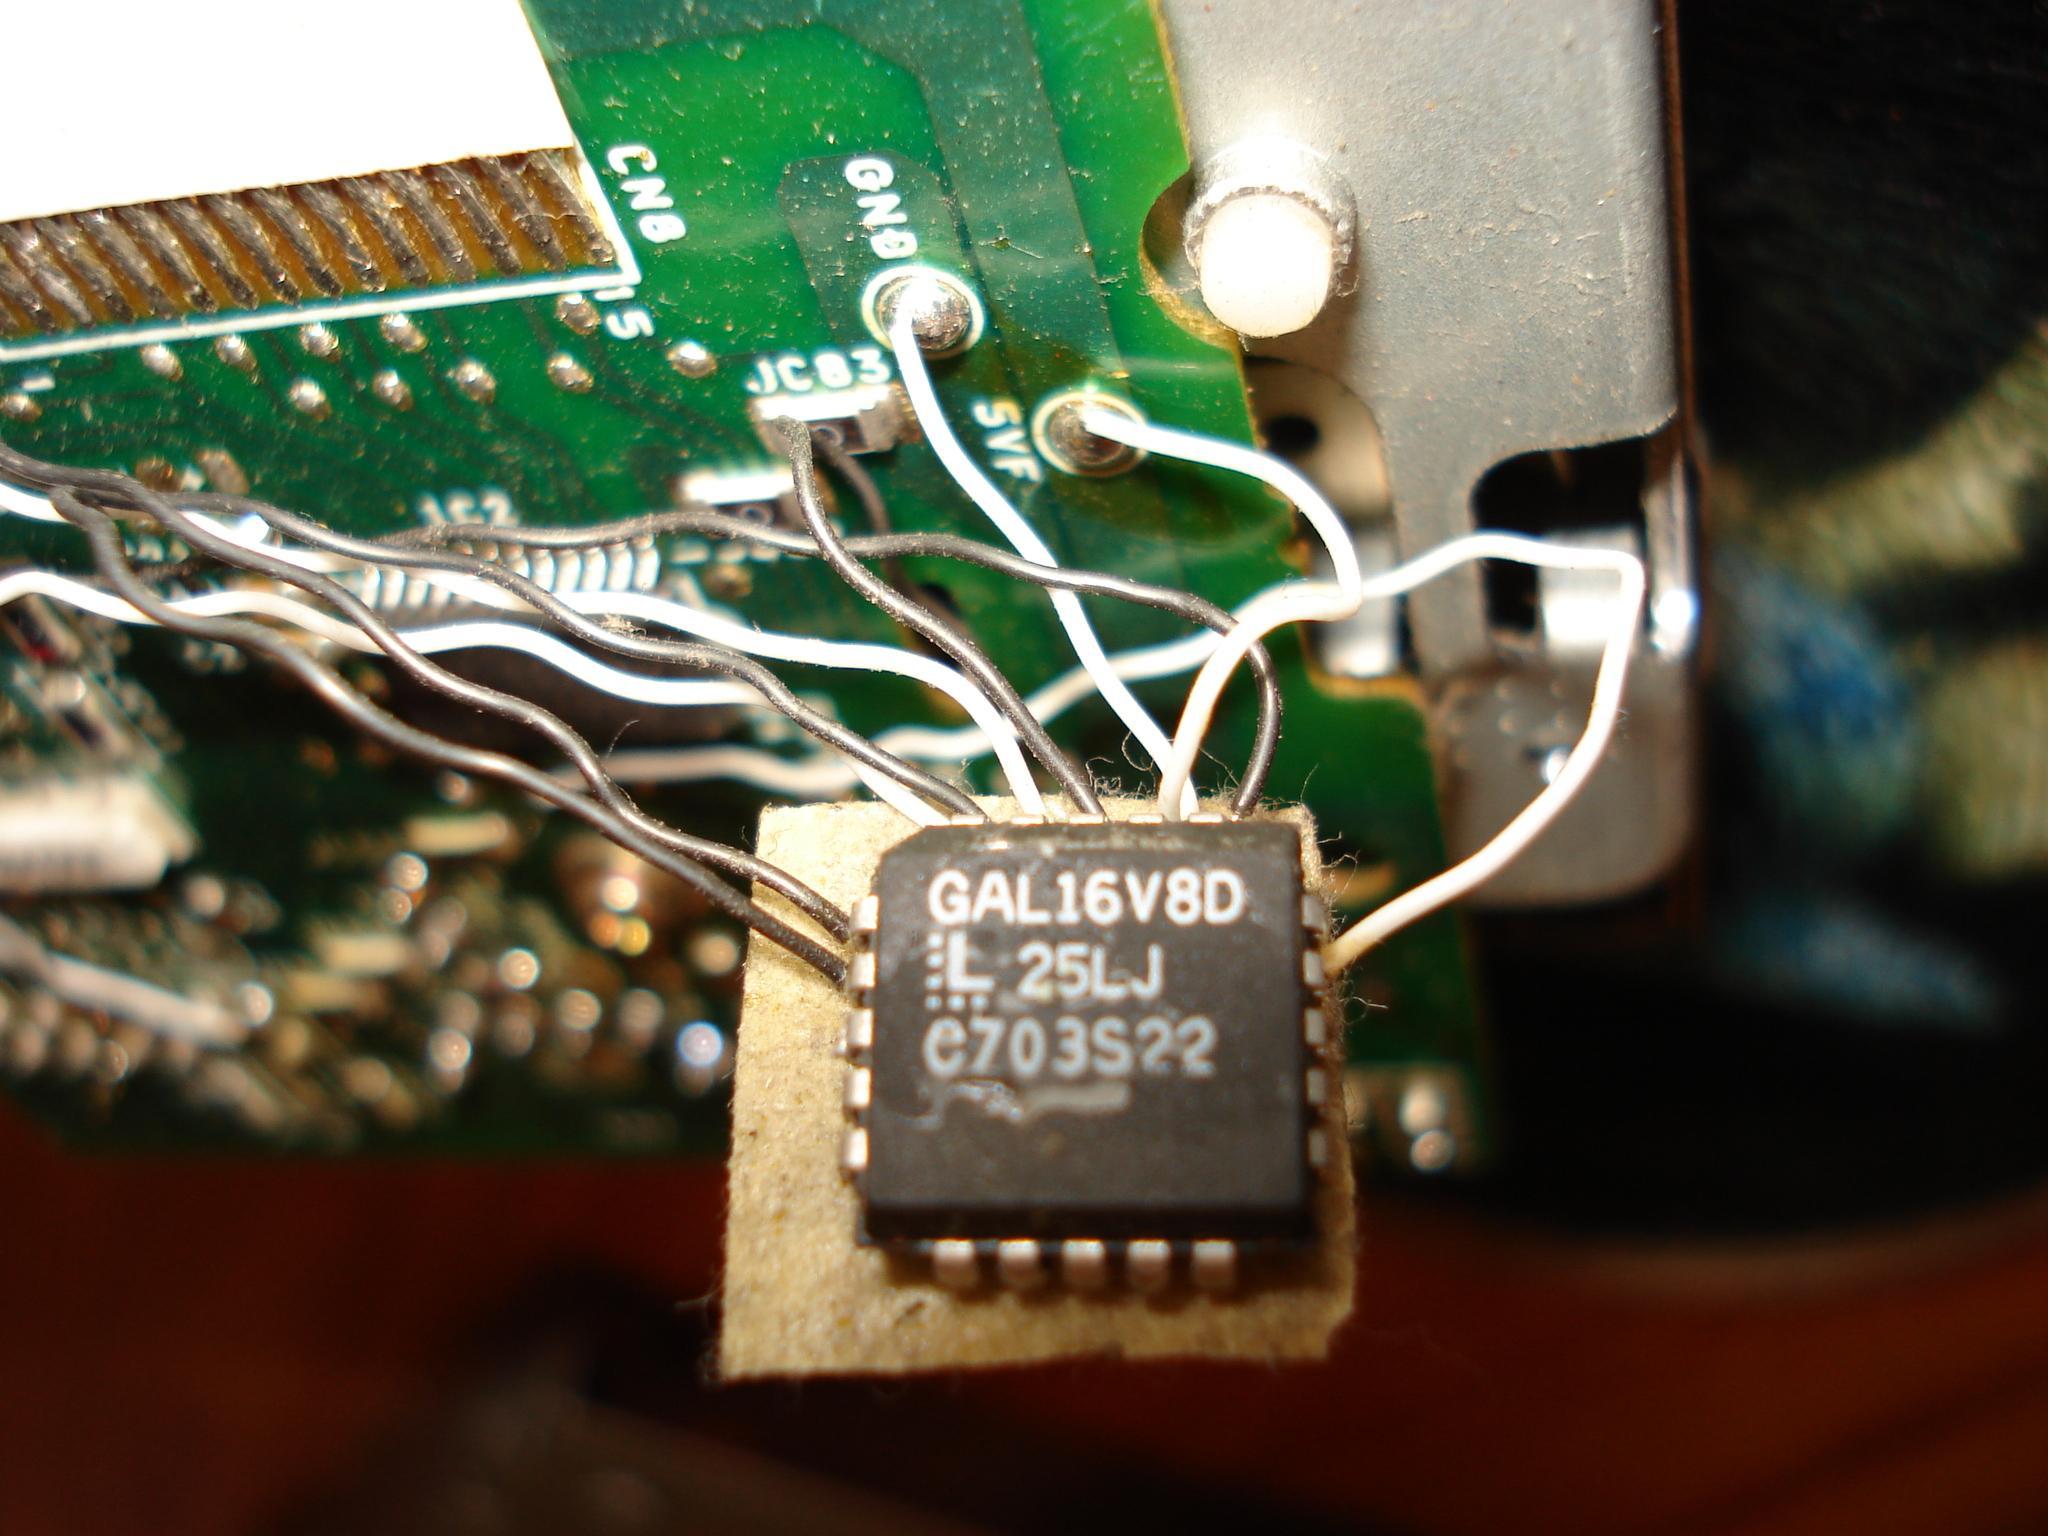 Klikněte na obrázek pro zobrazení větší verze  Název: Micronik2.JPG Zobrazeno: 175 Velikost: 289,8 KB ID: 983